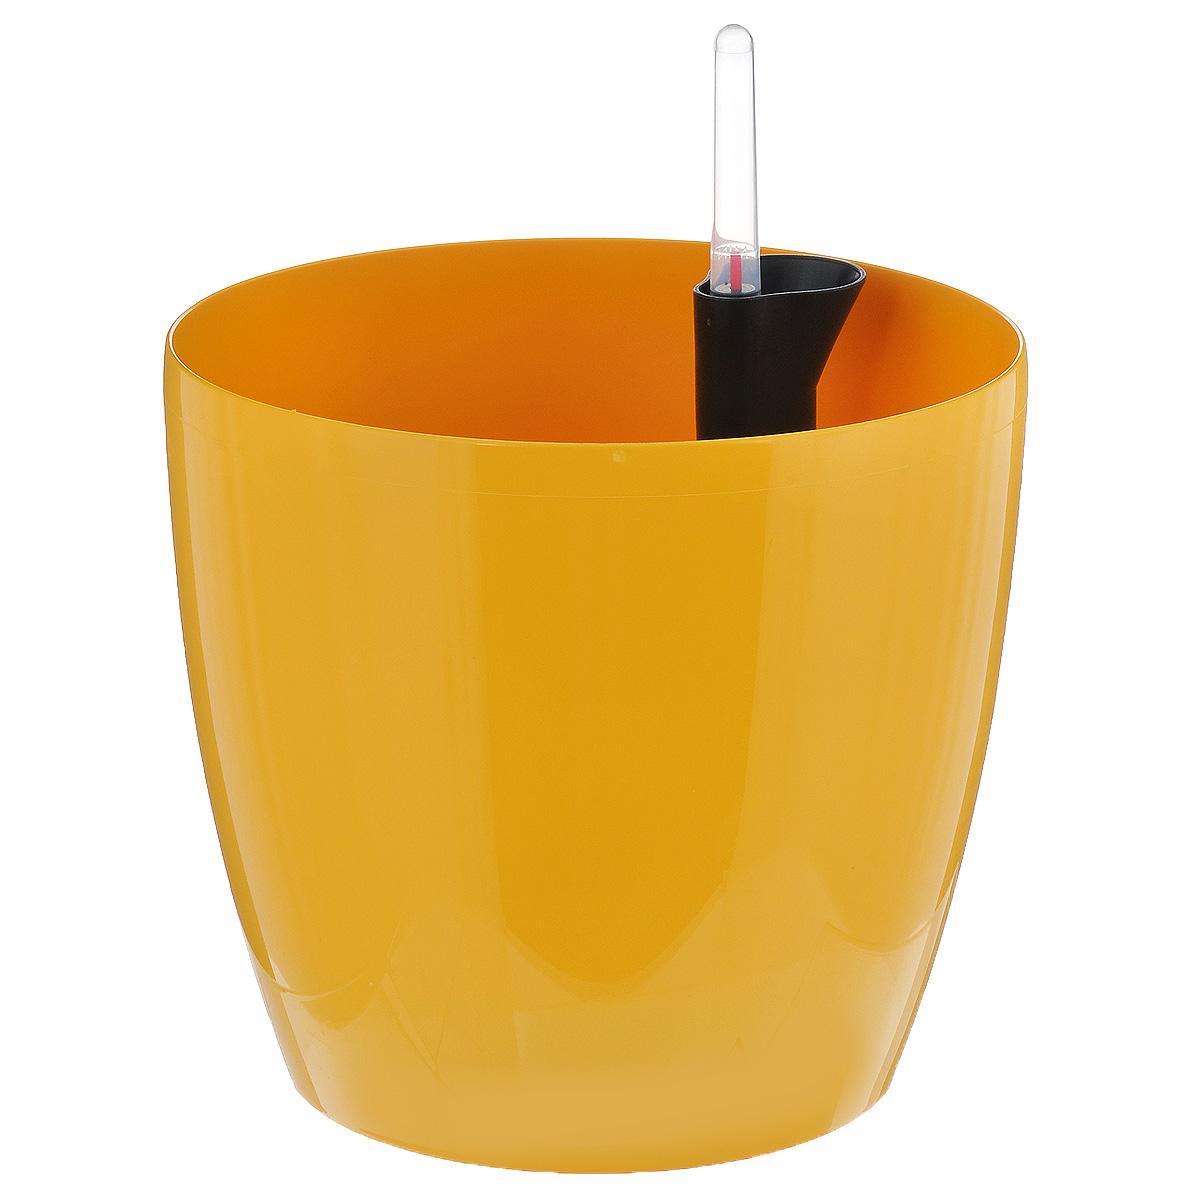 Кашпо Prosperplast Coubi, с системой автополива, цвет: желтый, диаметр 19 см1671695Кашпо Prosperplast Coubi, изготовленное из высококачественного пластика, идеальное решение для тех, кто регулярно забывает поливать комнатные растения. Кашпо имеет уникальную систему автополива, благодаря которой корневая система растения непрерывно снабжается влагой из резервуара. Уровень воды в резервуаре контролируется с помощью специального индикатора. В зависимости от размера кашпо и растения воды хватает на 2-12 недель. Стильный дизайн позволит украсить растениями офис, кафе или любую комнату, и при этом система автополива будет увлажнять почву без вашего вмешательства. Кашпо Prosperplast Coubi с системой автополива упростит уход за вашими цветами и поможет растениям получать то количество влаги, которое им необходимо в данный момент времени.Диаметр: 19 см. Высота стенки: 17,5 см.